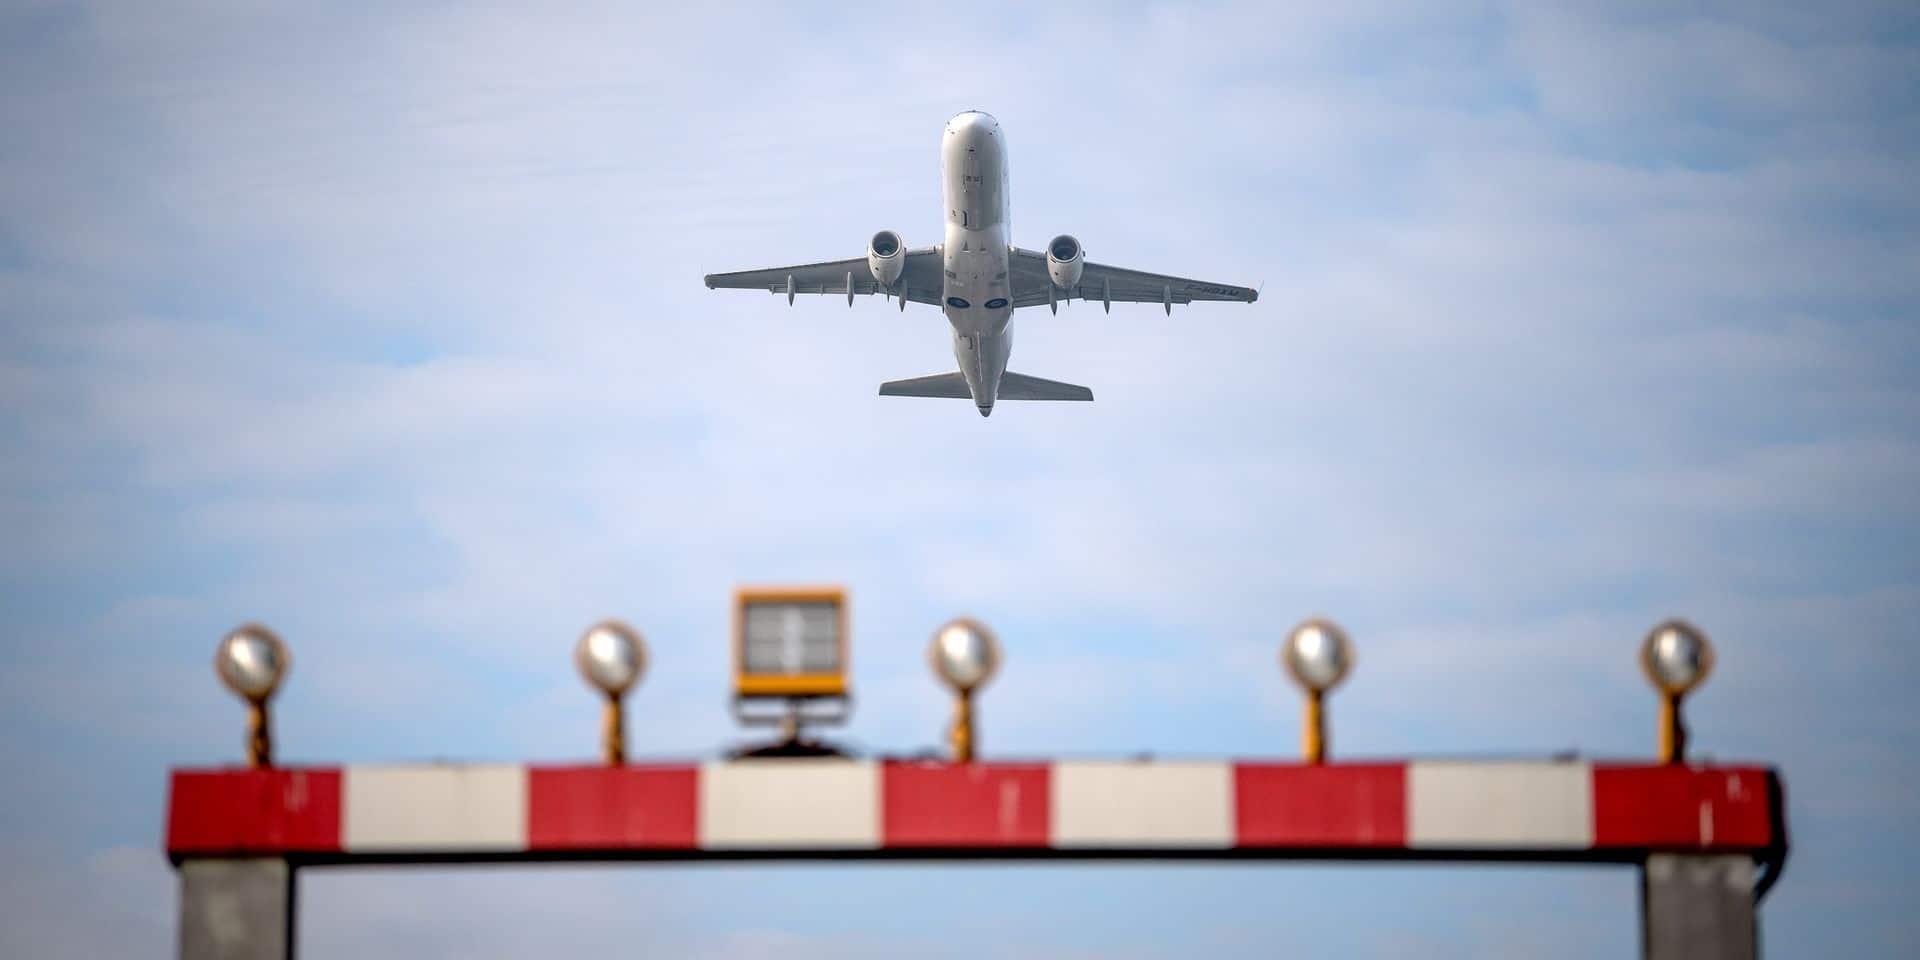 Tous les passagers arrivant à Brussels Airport désormais mis en quarantaine